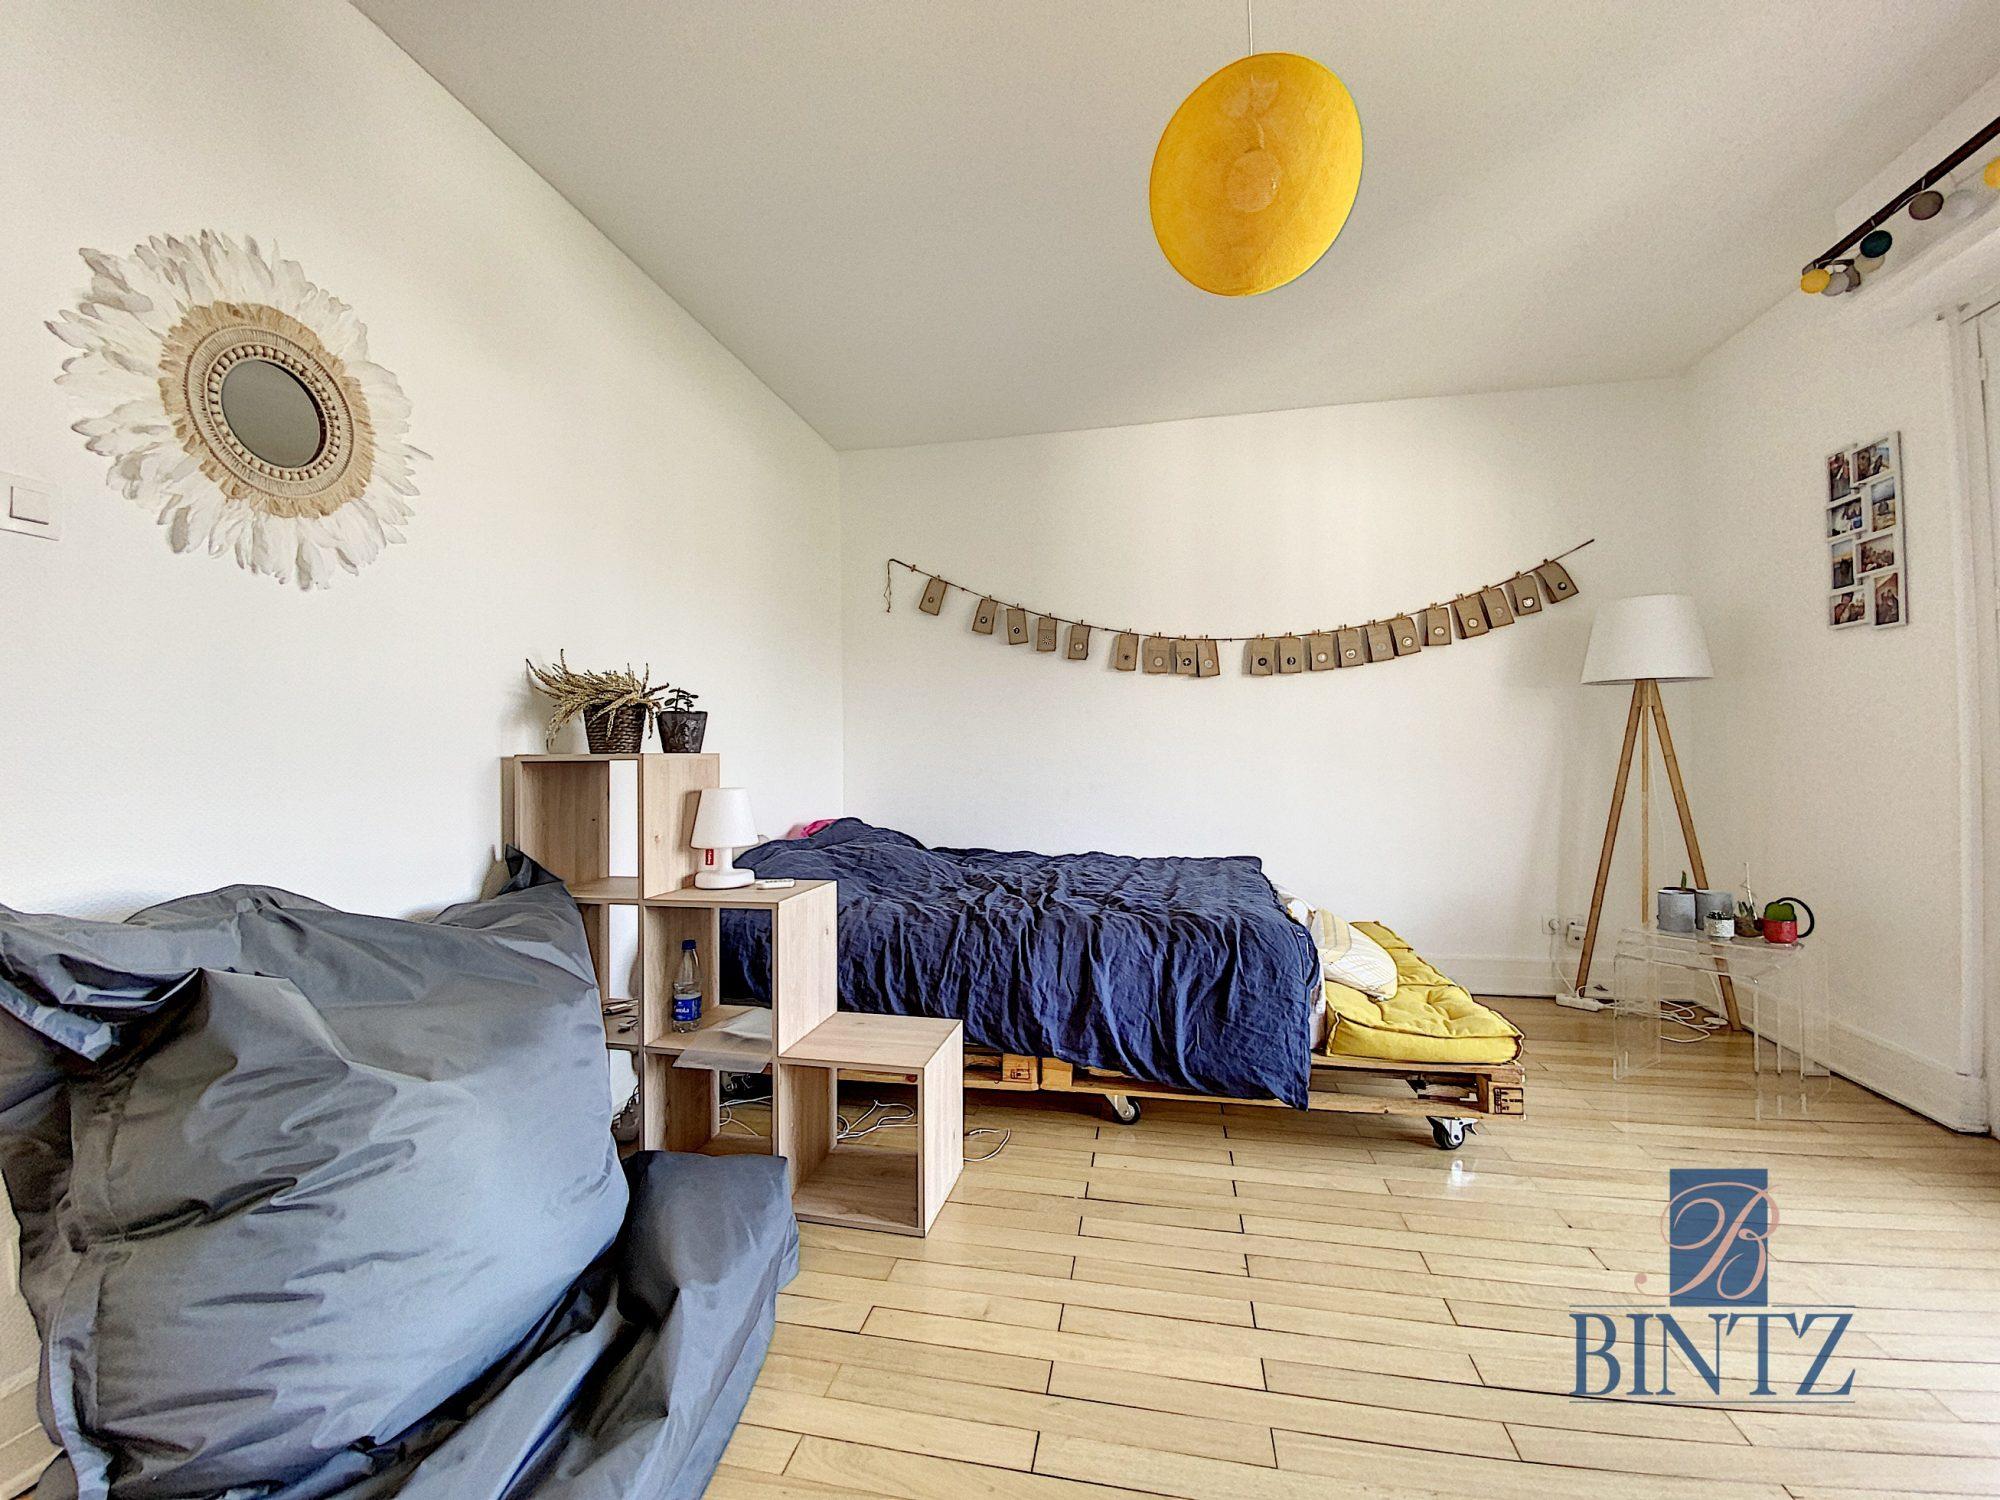 1 PIÈCE QUARTIER KRUTENAU - Devenez locataire en toute sérénité - Bintz Immobilier - 10